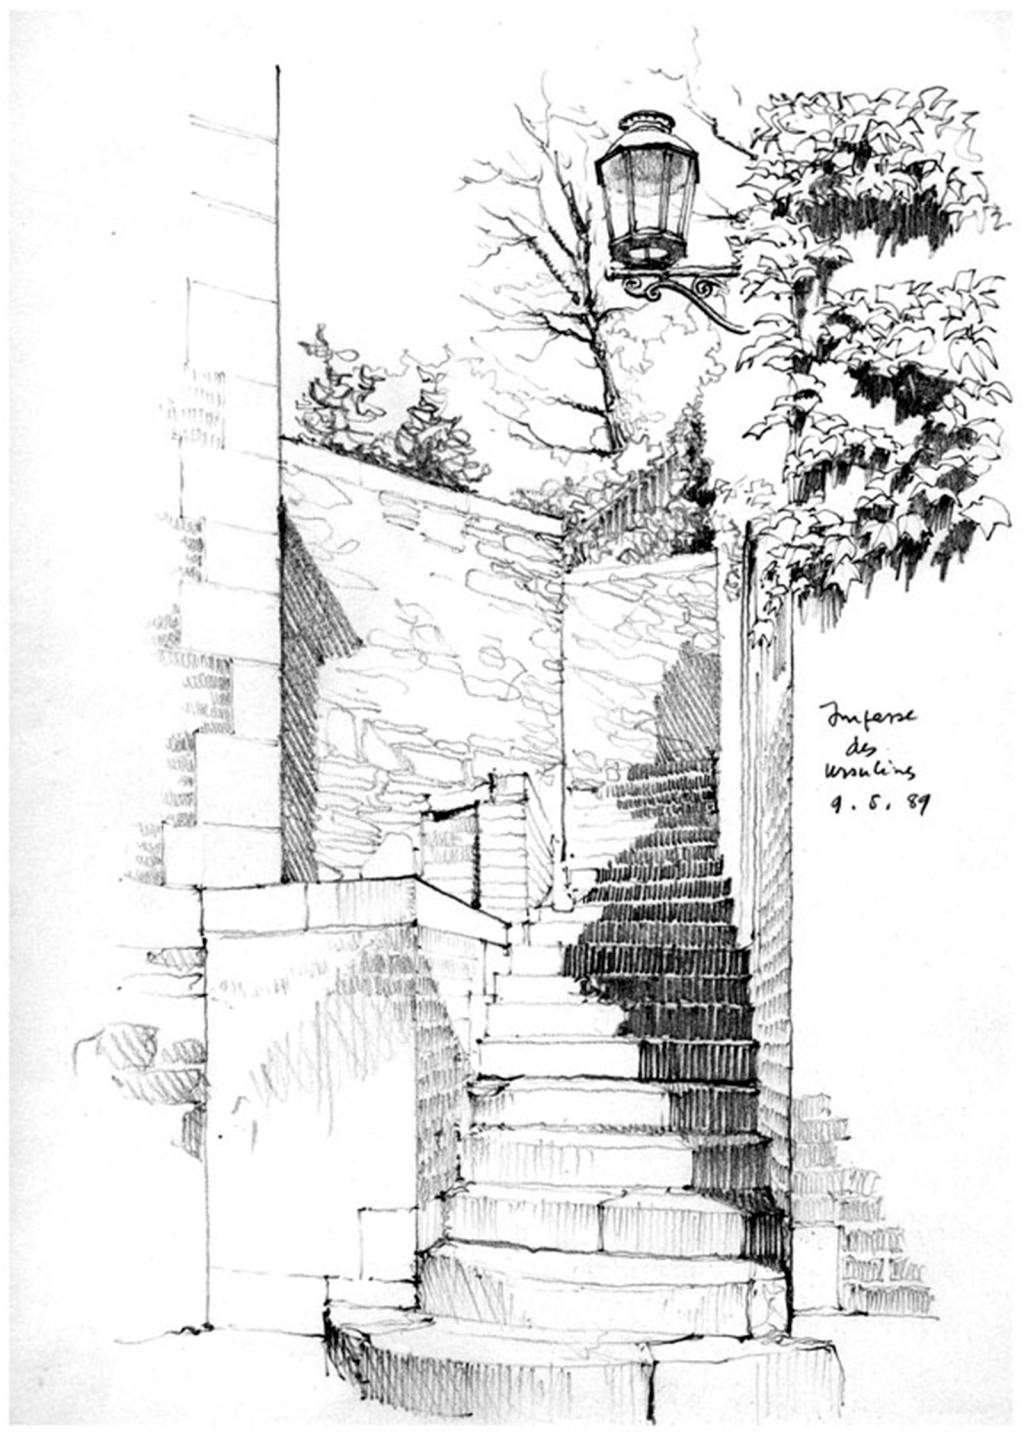 平面图 jpg 城堡 建筑施工图 建筑平面图 欧式建筑 建筑效果图 楼梯